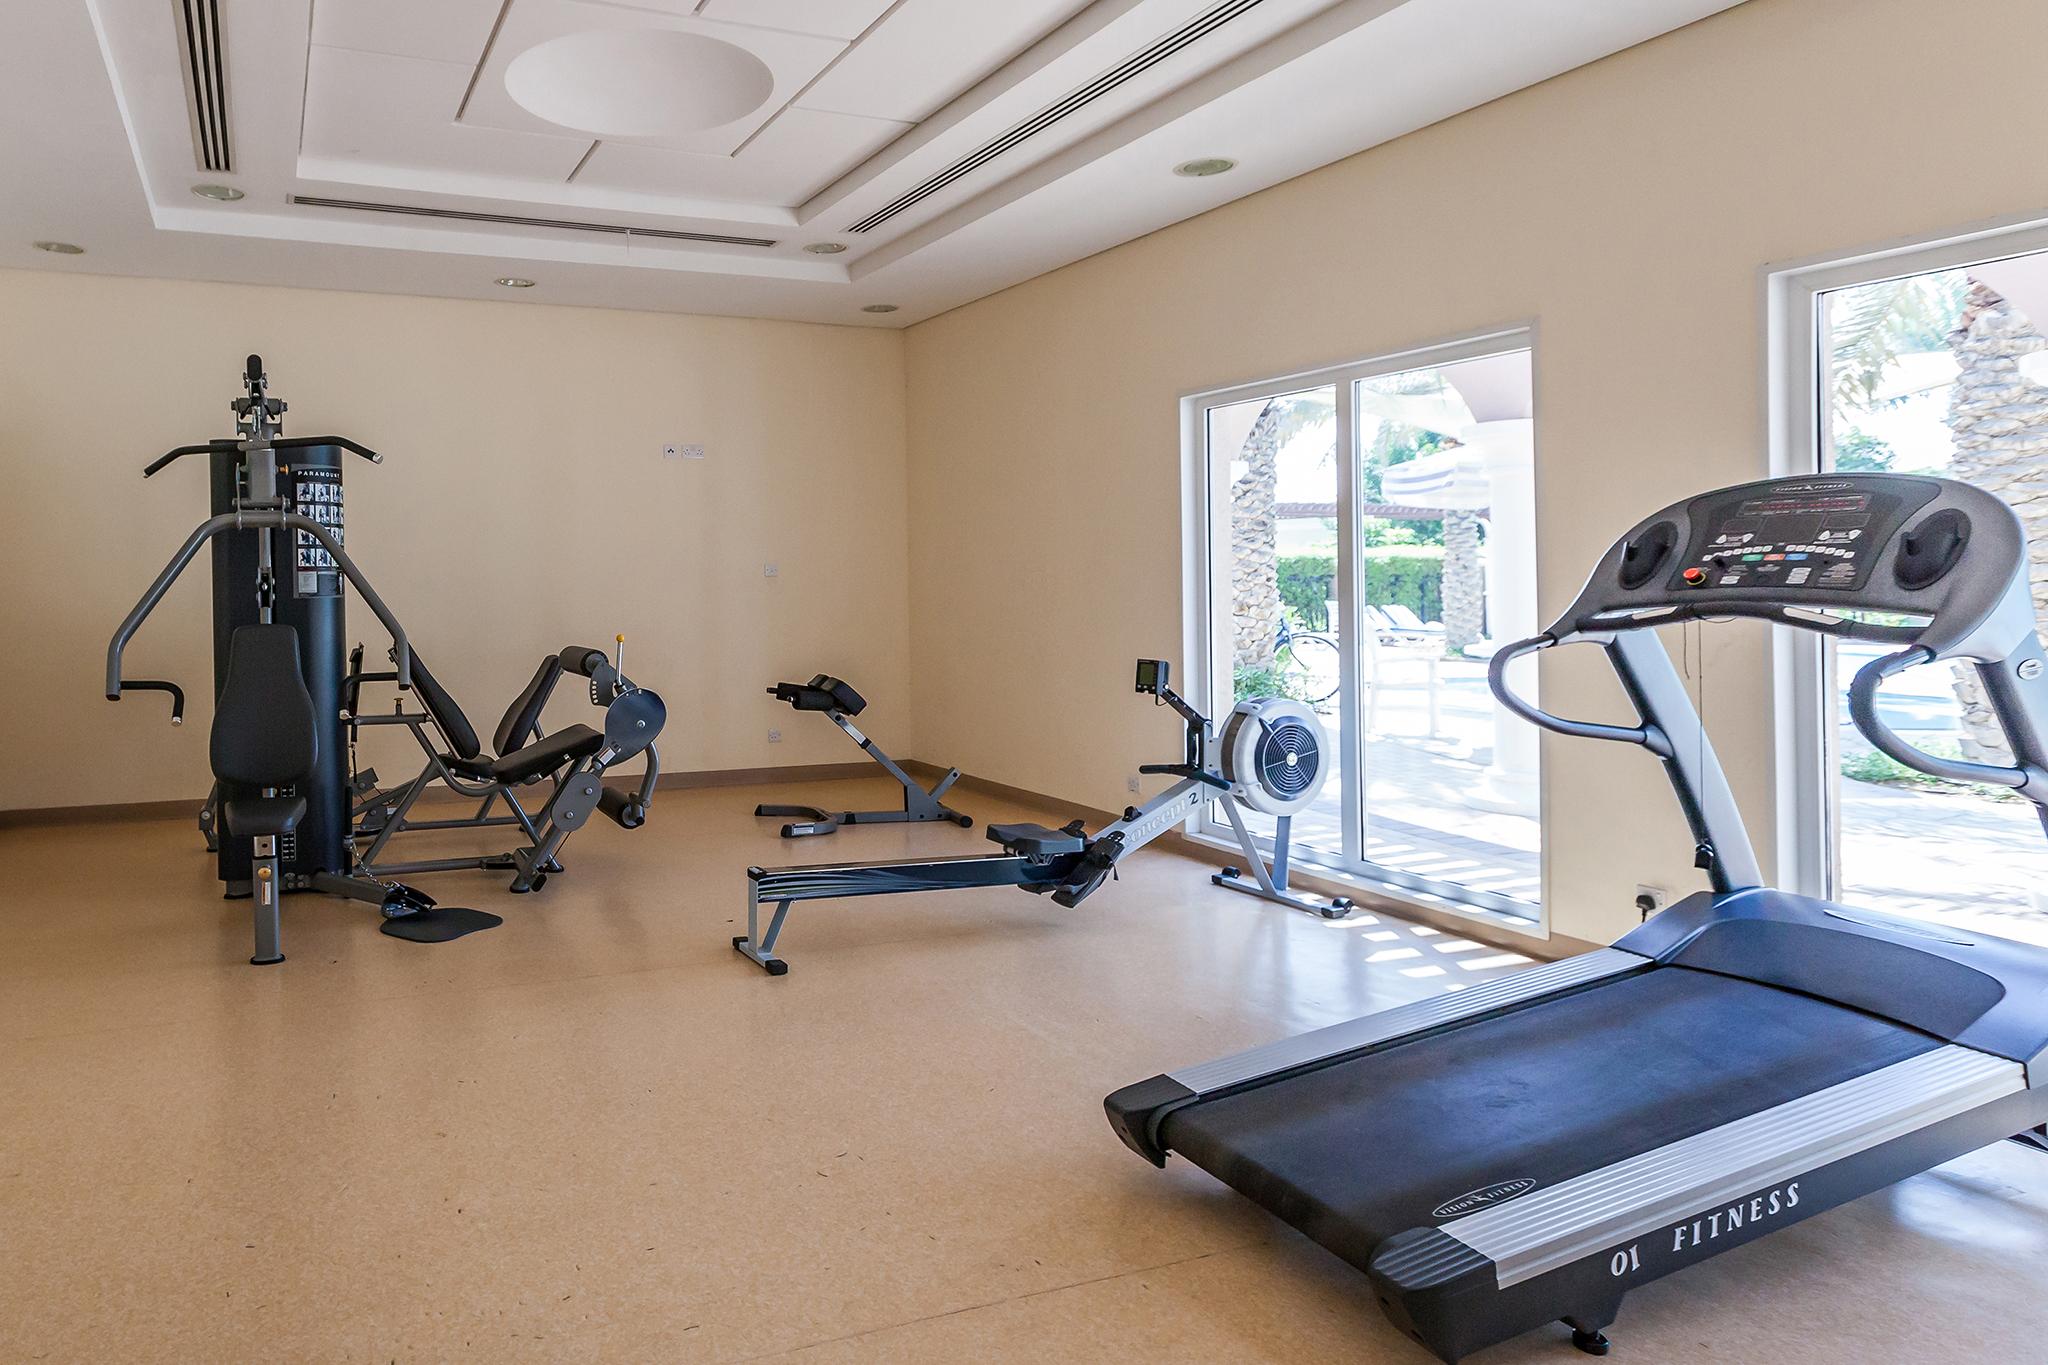 Gym near the pool